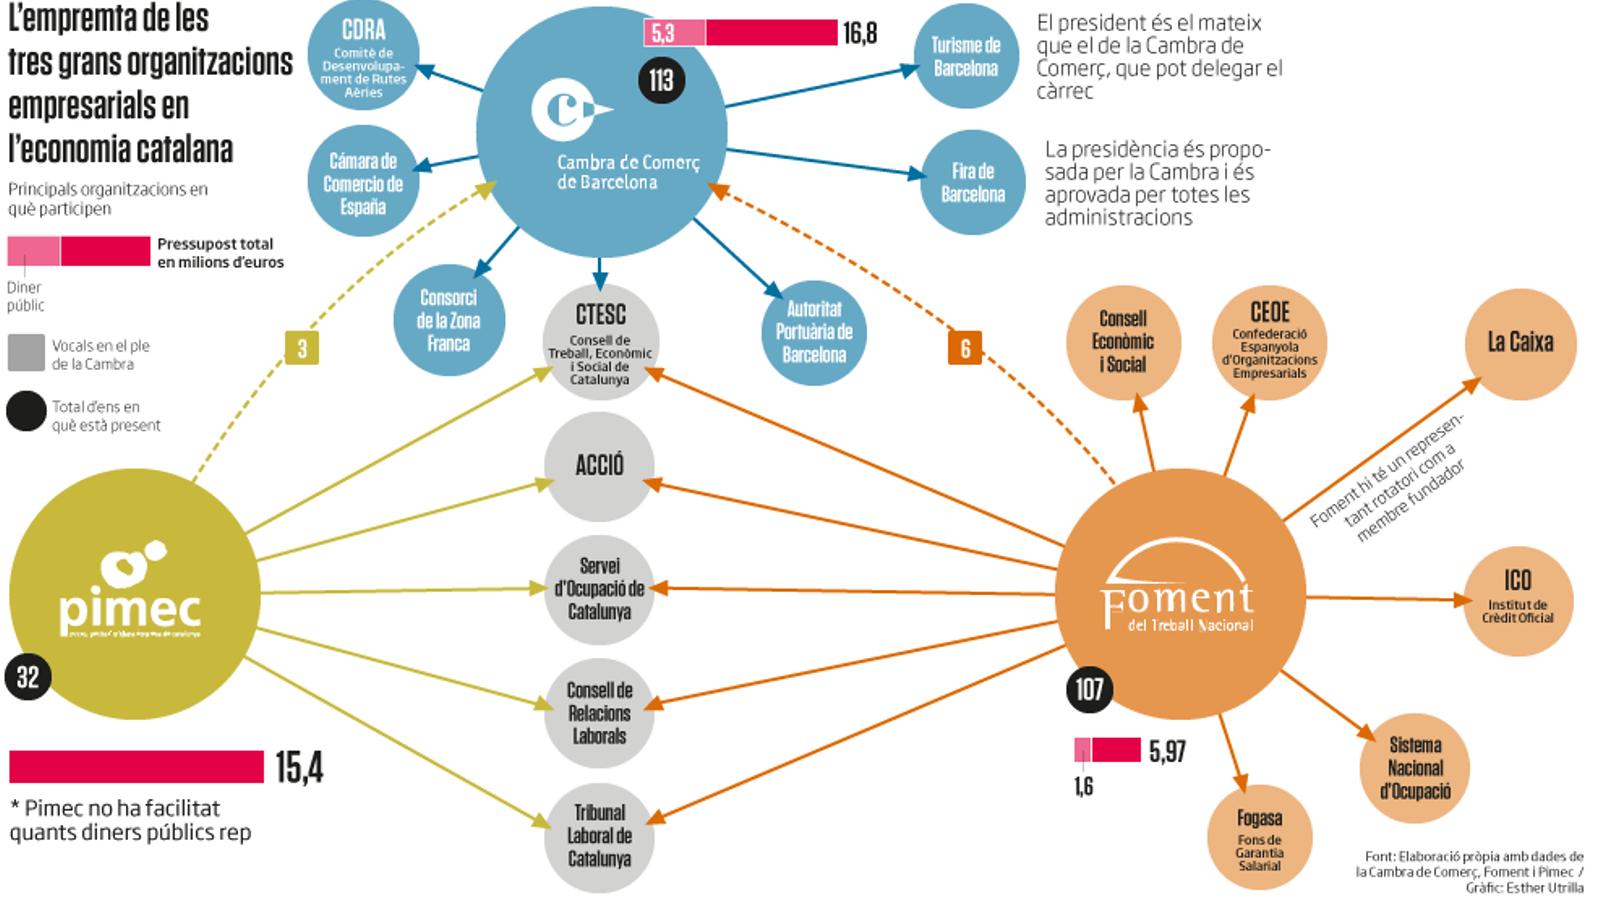 Reportatge: Com es reparteixen les patronals els diners i els càrrecs públics?